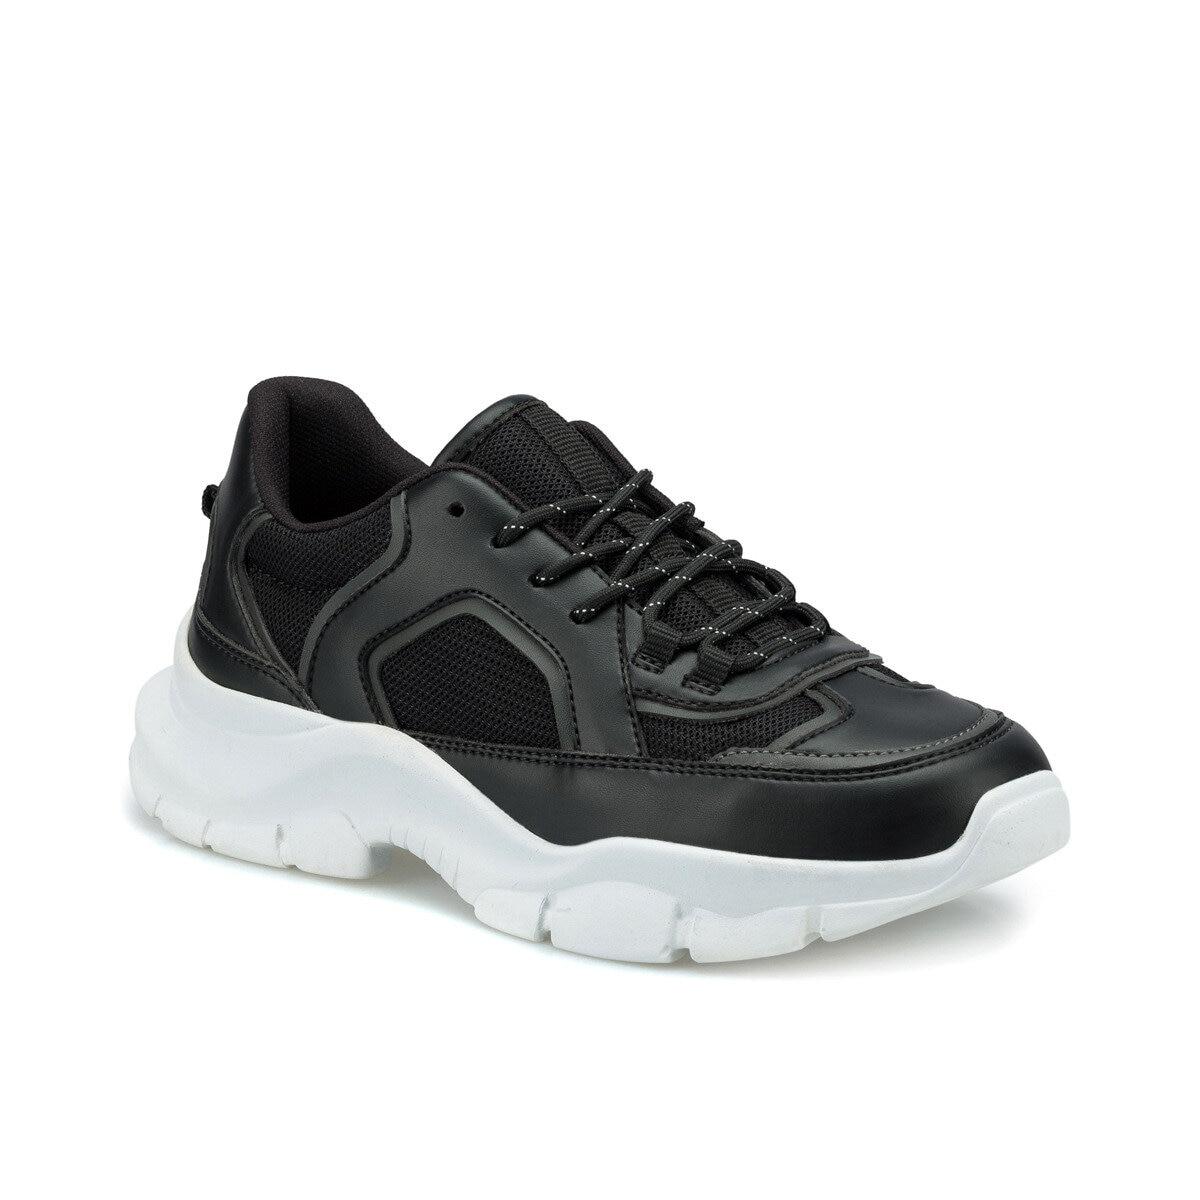 FLO FANS White Women 'S Sneaker Shoes KINETIX